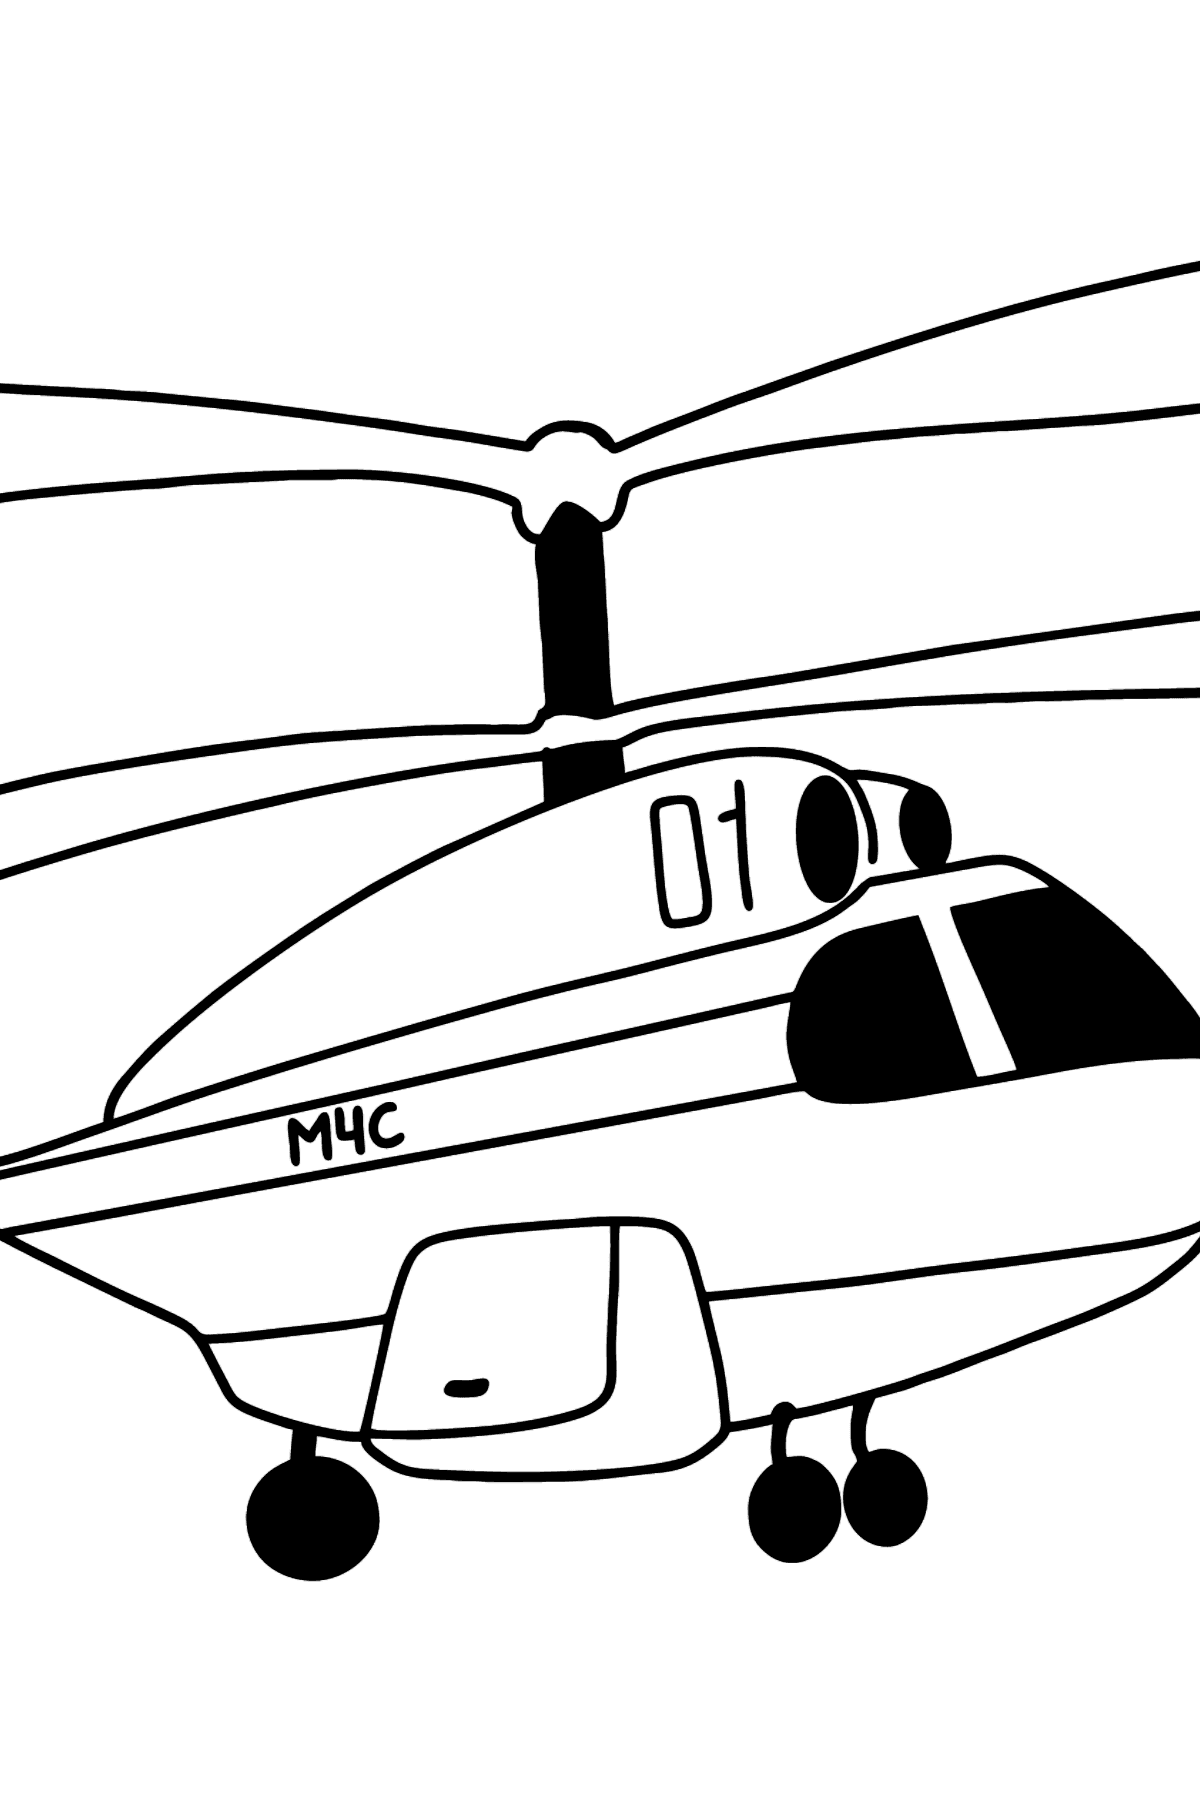 Раскраска вертолет мчс - Раскраски для Детей